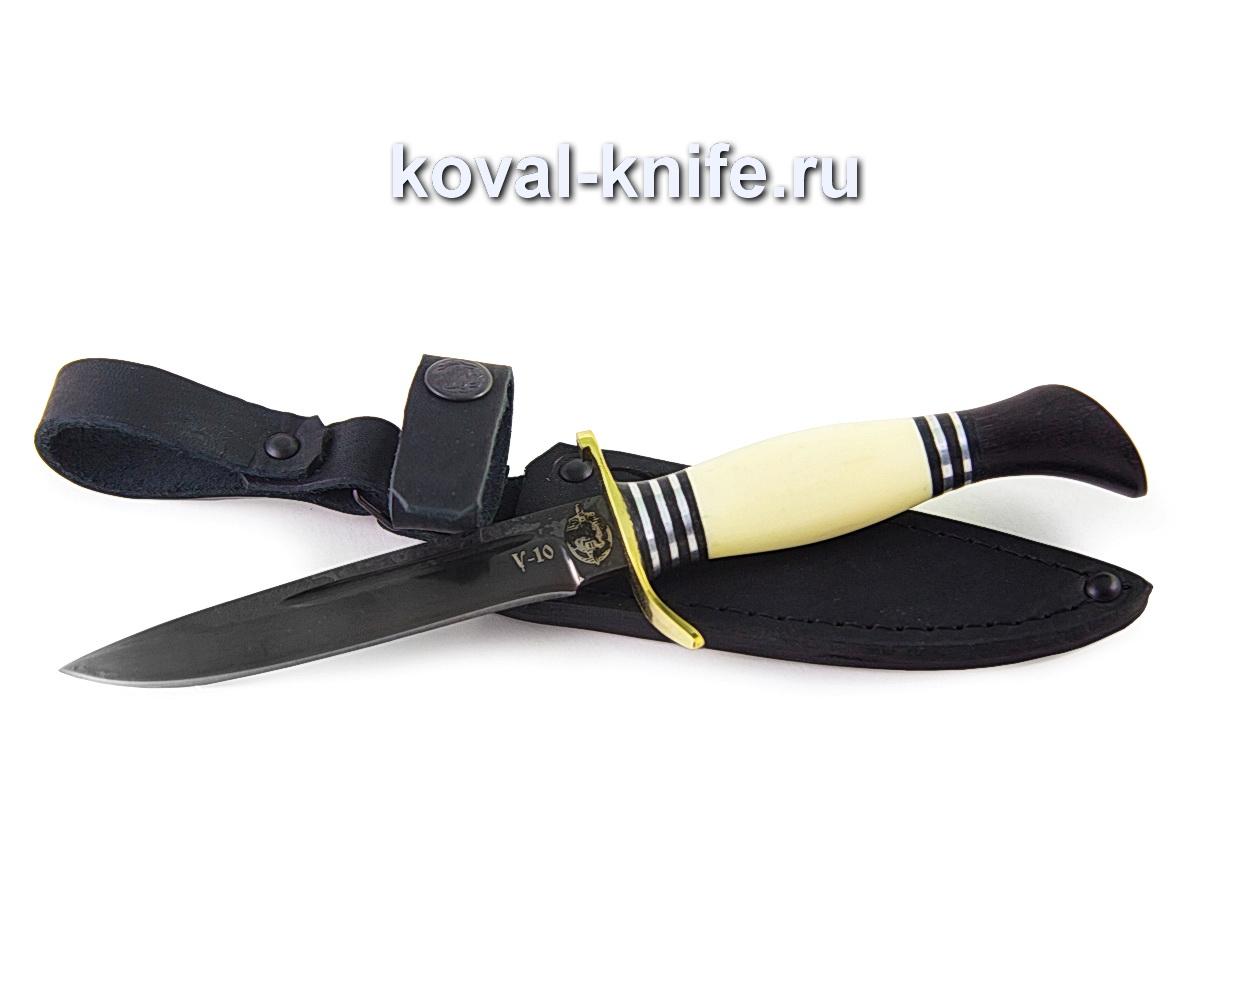 Нож Финка Нквд из углеродистой стали У10 (пластик, гарда латунь) A364